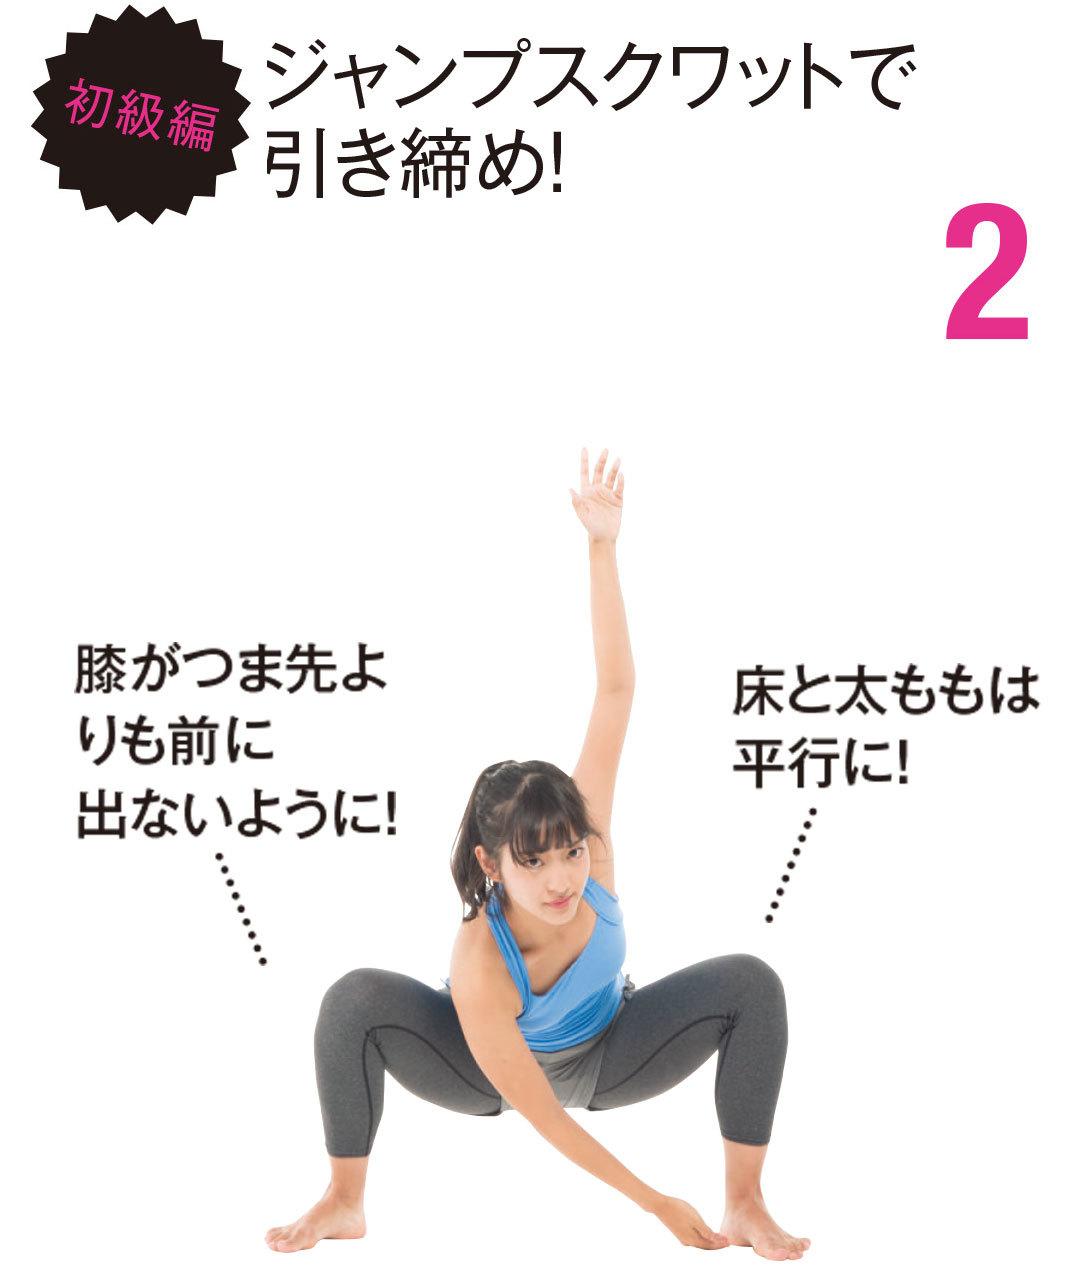 太もも痩せしたい! 1畳スペースでできる簡単筋トレをAYAさんが伝授♡ _1_2-2